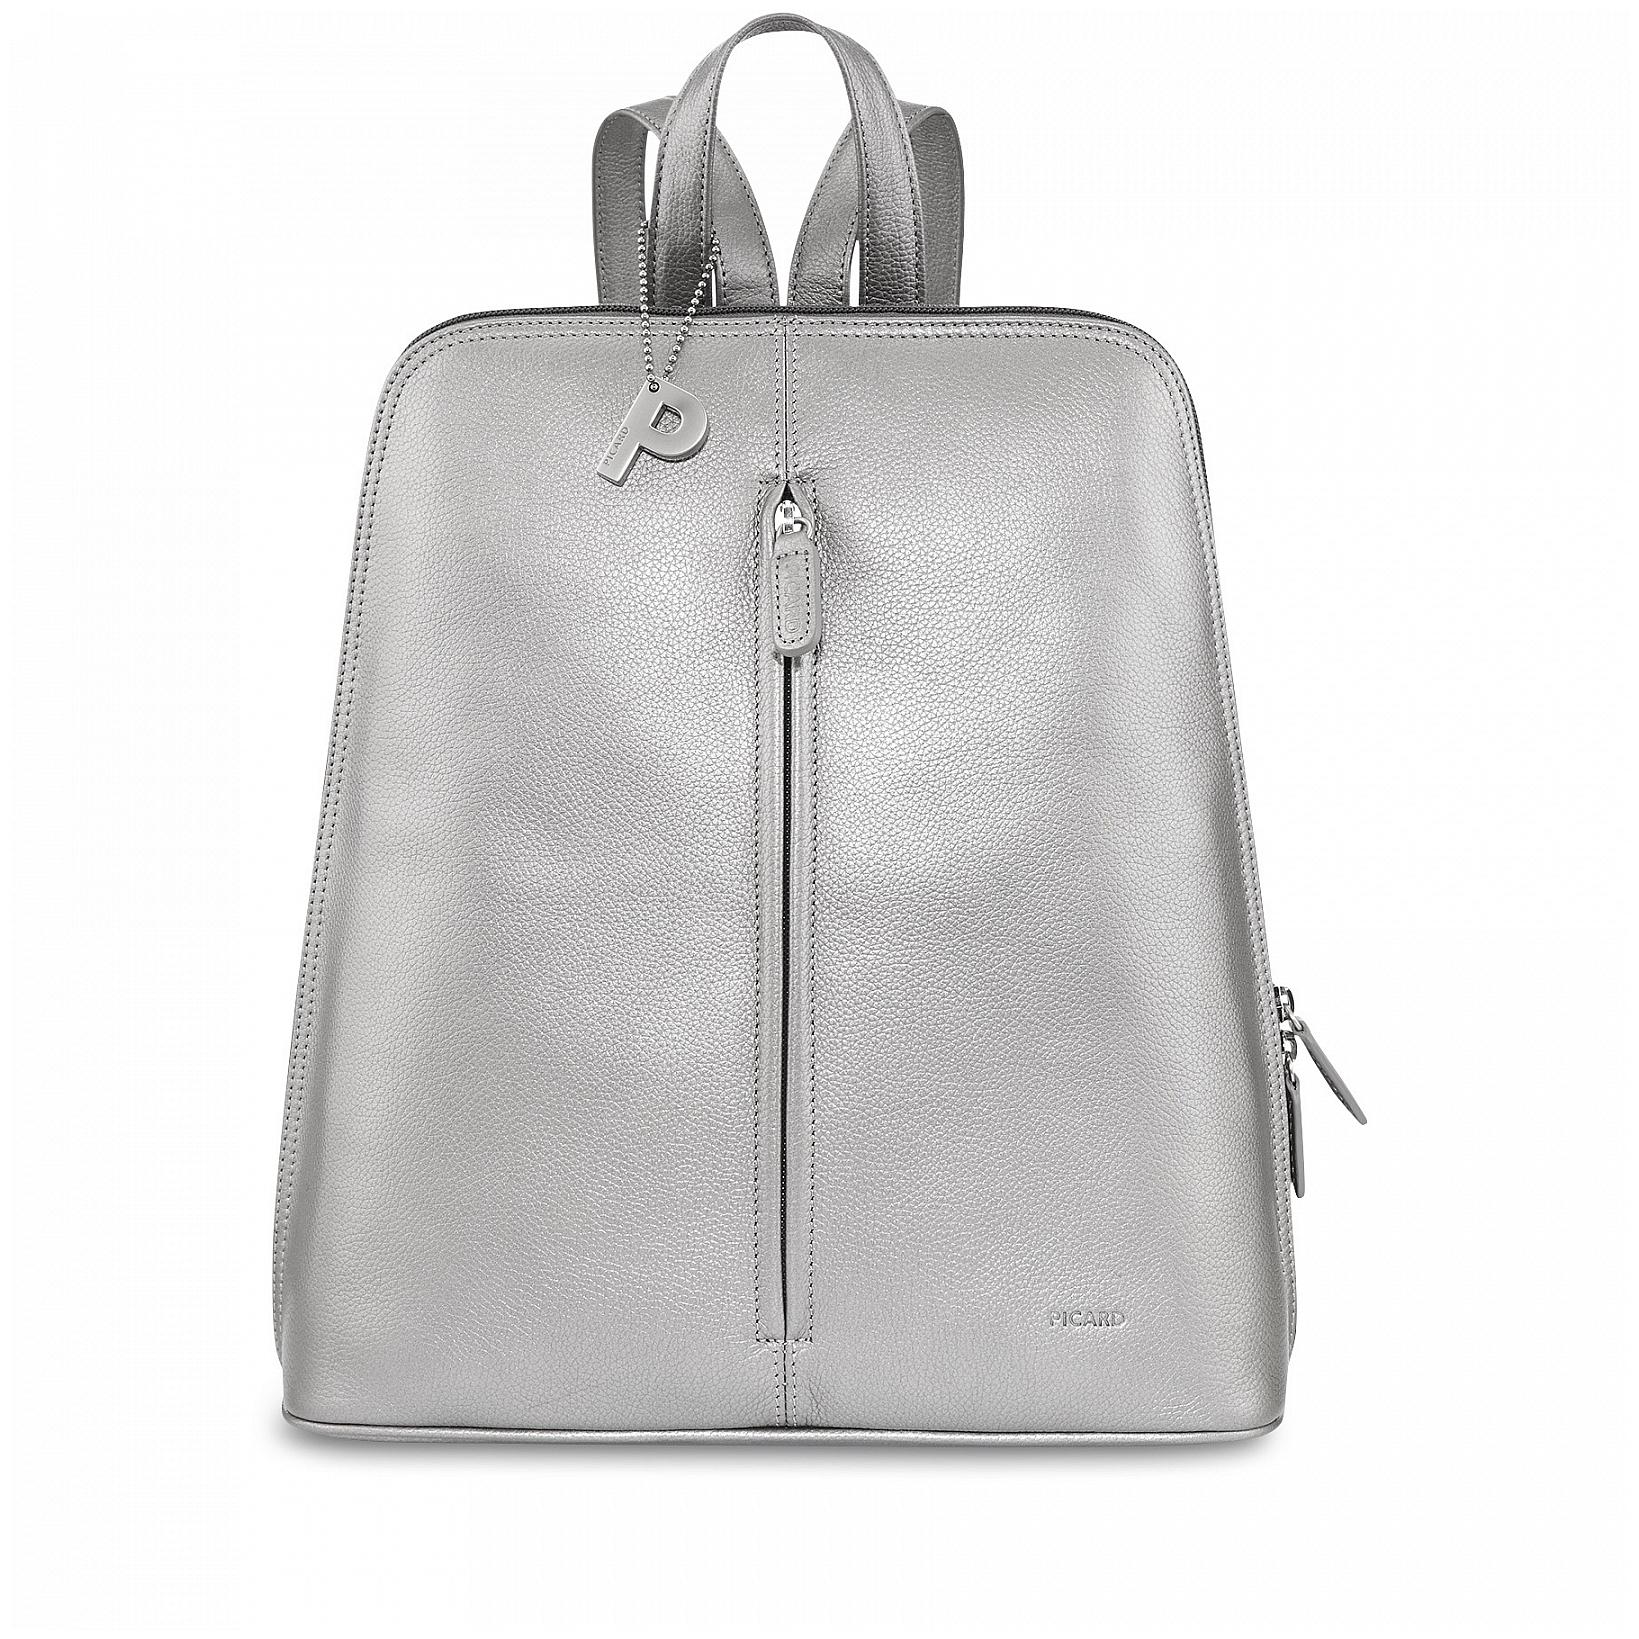 PICARD Elegantní dámský batoh LUIS 8656 stříbrný